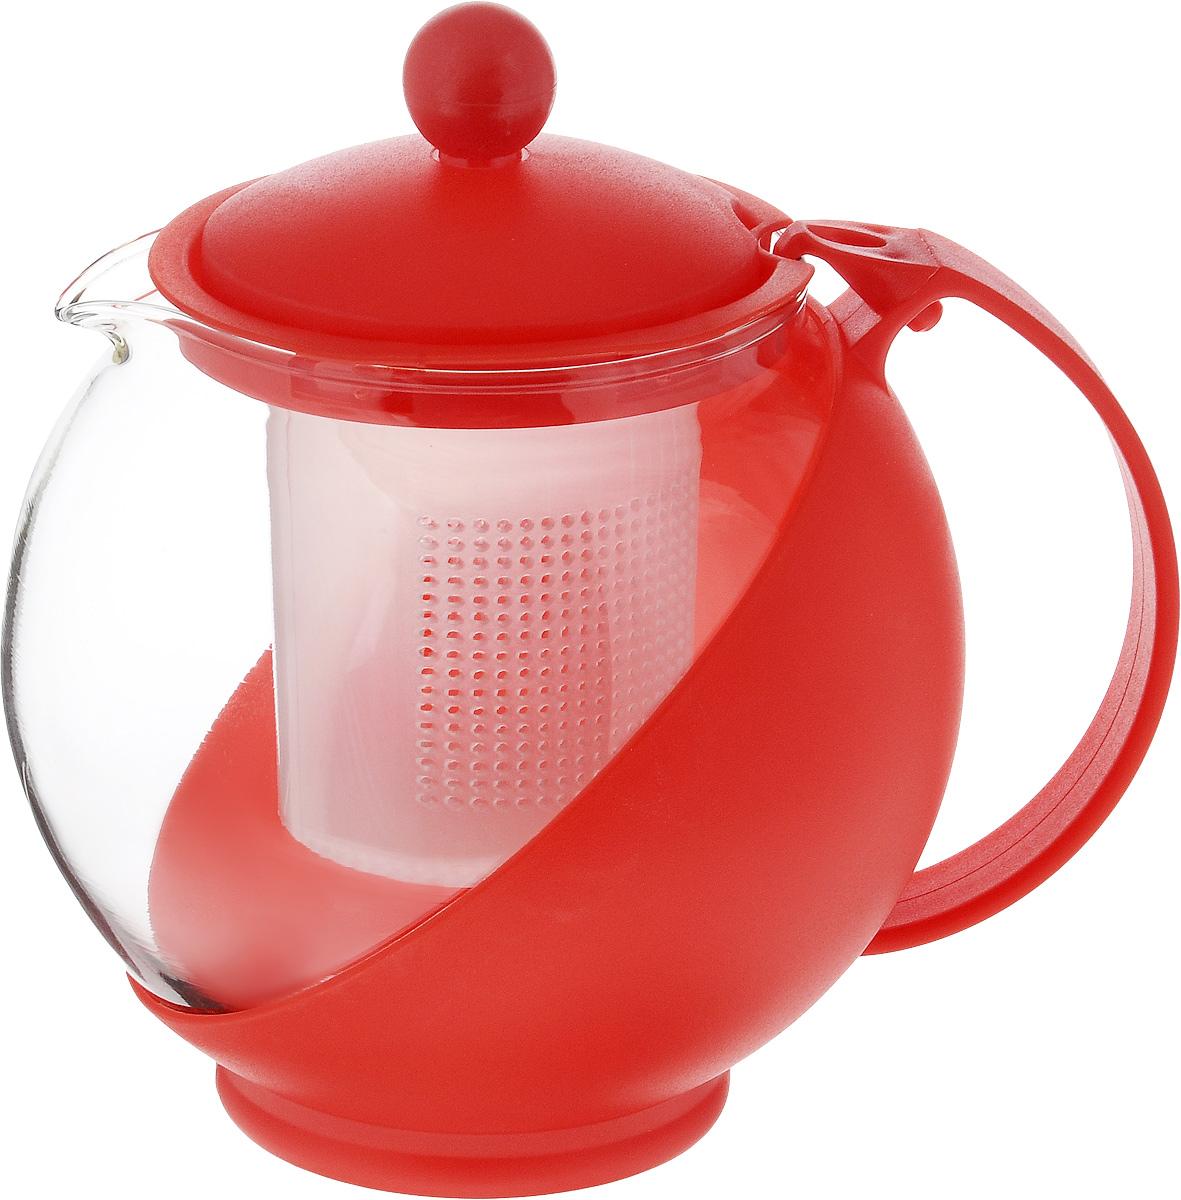 Чайник заварочный Wellberg Aqual, с фильтром, цвет: прозрачный, красный, 750 мл325 WBЗаварочный чайник Wellberg Aqual изготовлен из высококачественного пластика и жаропрочного стекла. Чайник имеет пластиковый фильтр и оснащен удобной ручкой. Он прекрасно подойдет для заваривания чая и травяных напитков. Такой заварочный чайник займет достойное место на вашей кухне. Высота чайника (без учета крышки): 11,5 см. Высота чайника (с учетом крышки): 14 см. Диаметр (по верхнему краю) 7 см.